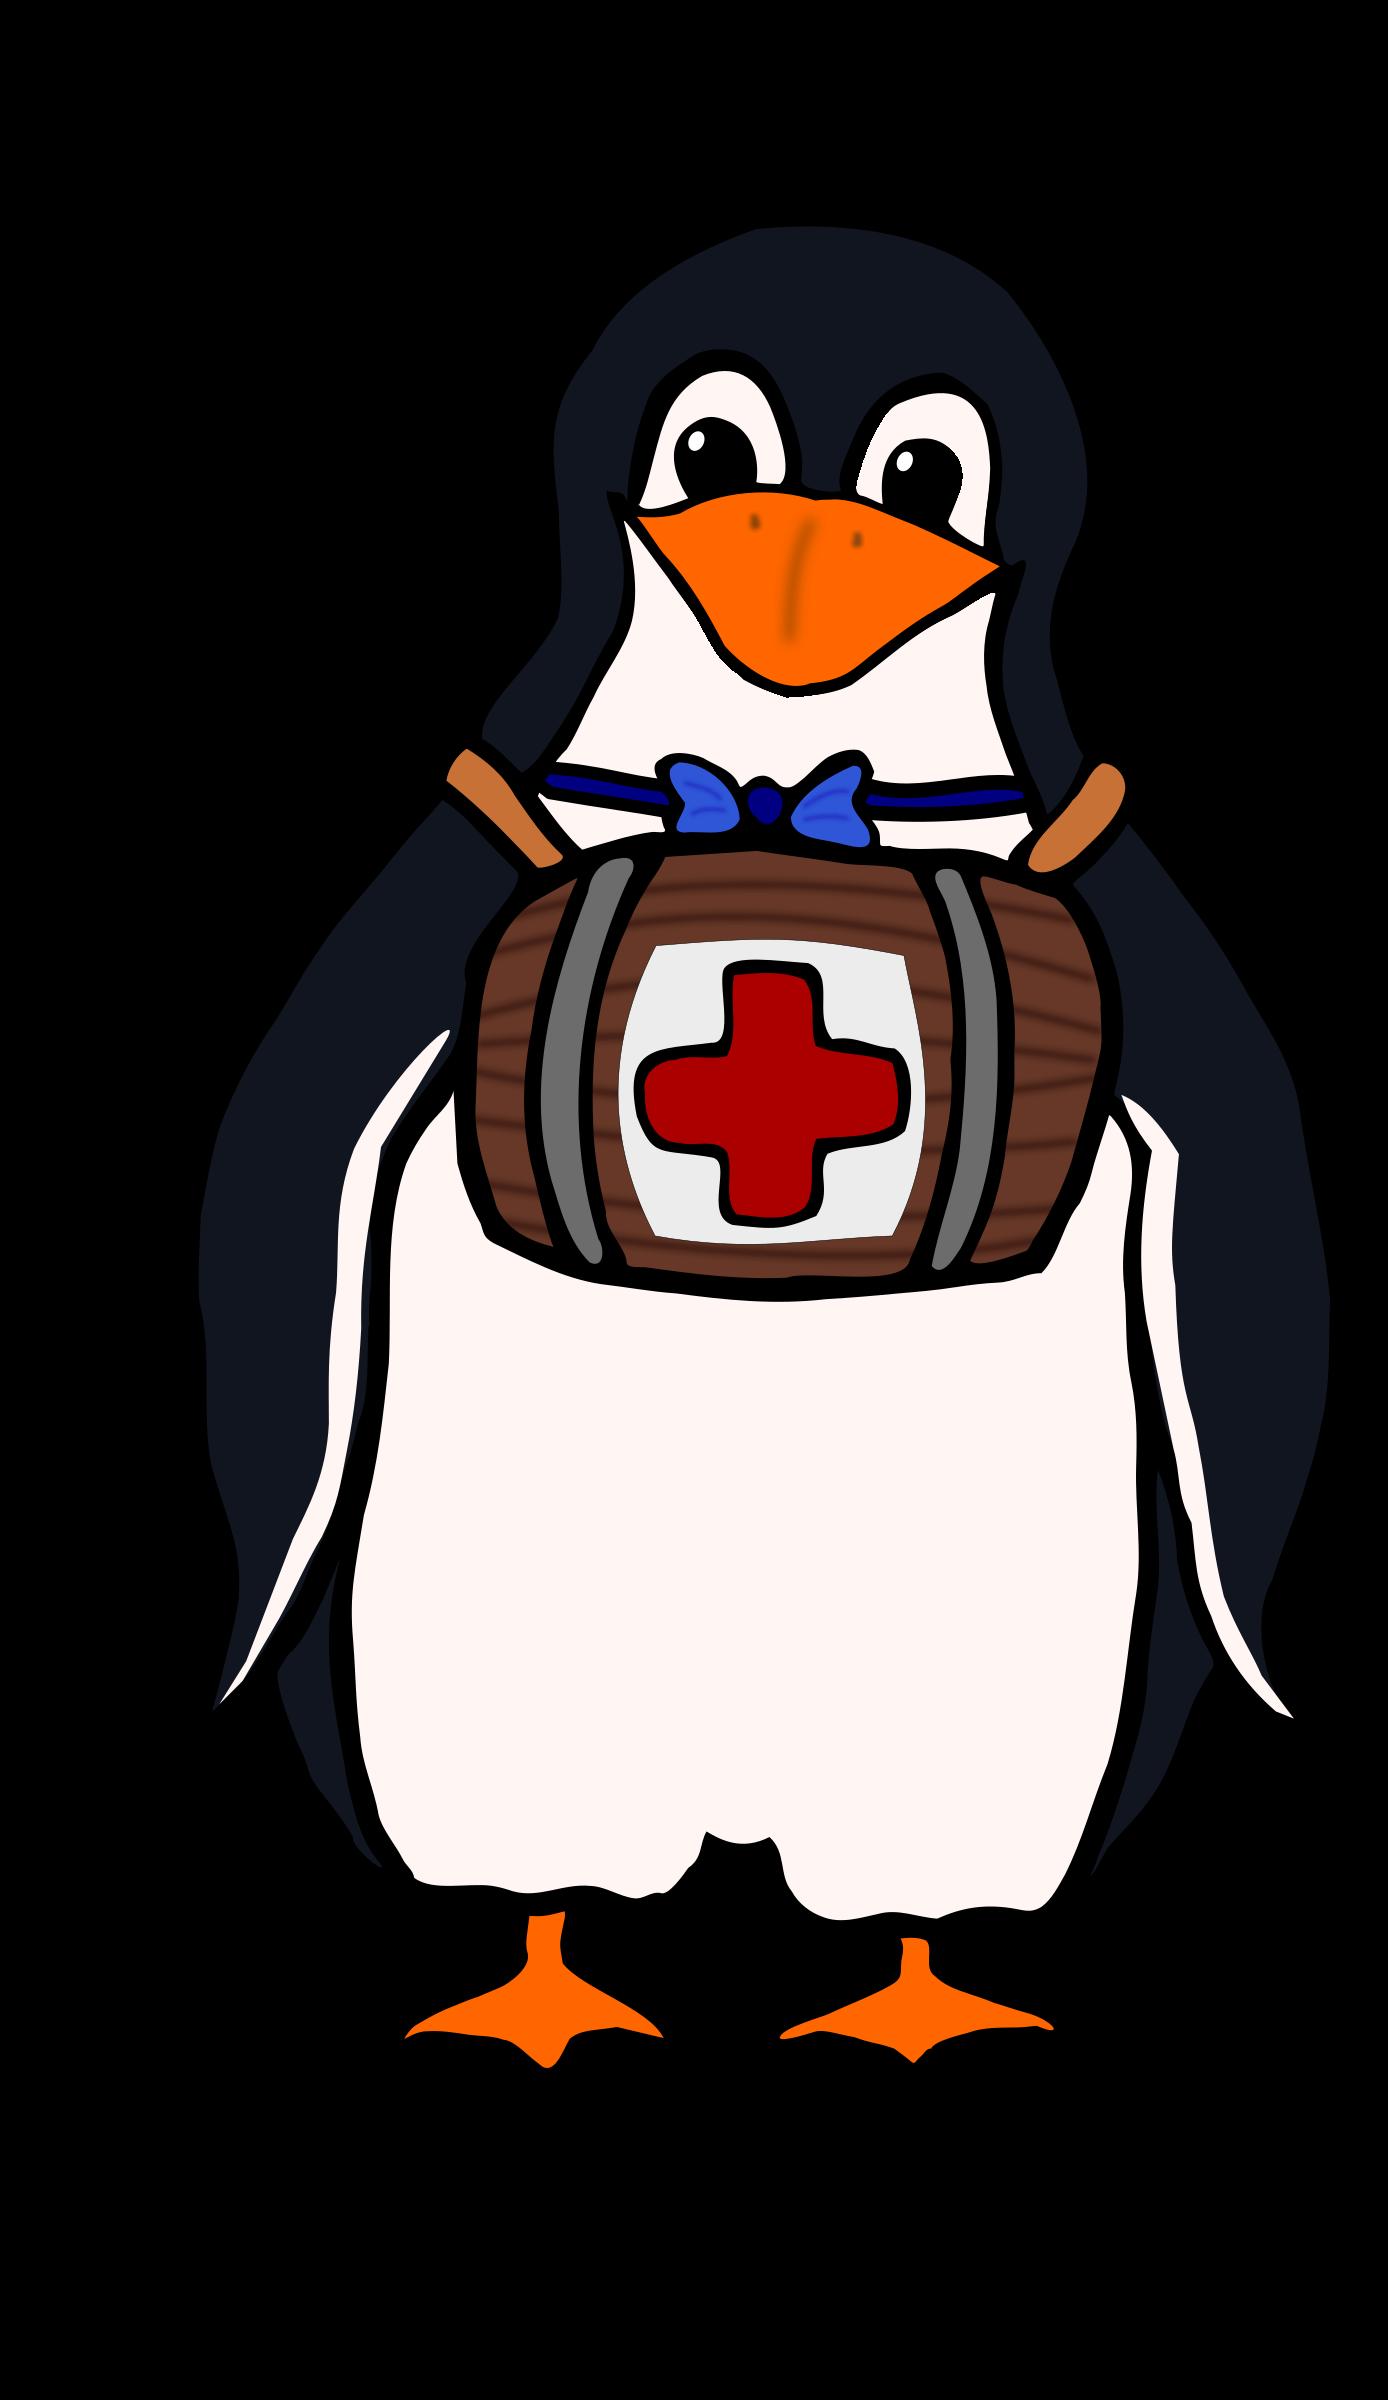 St. Bernard's Penguin by Moini